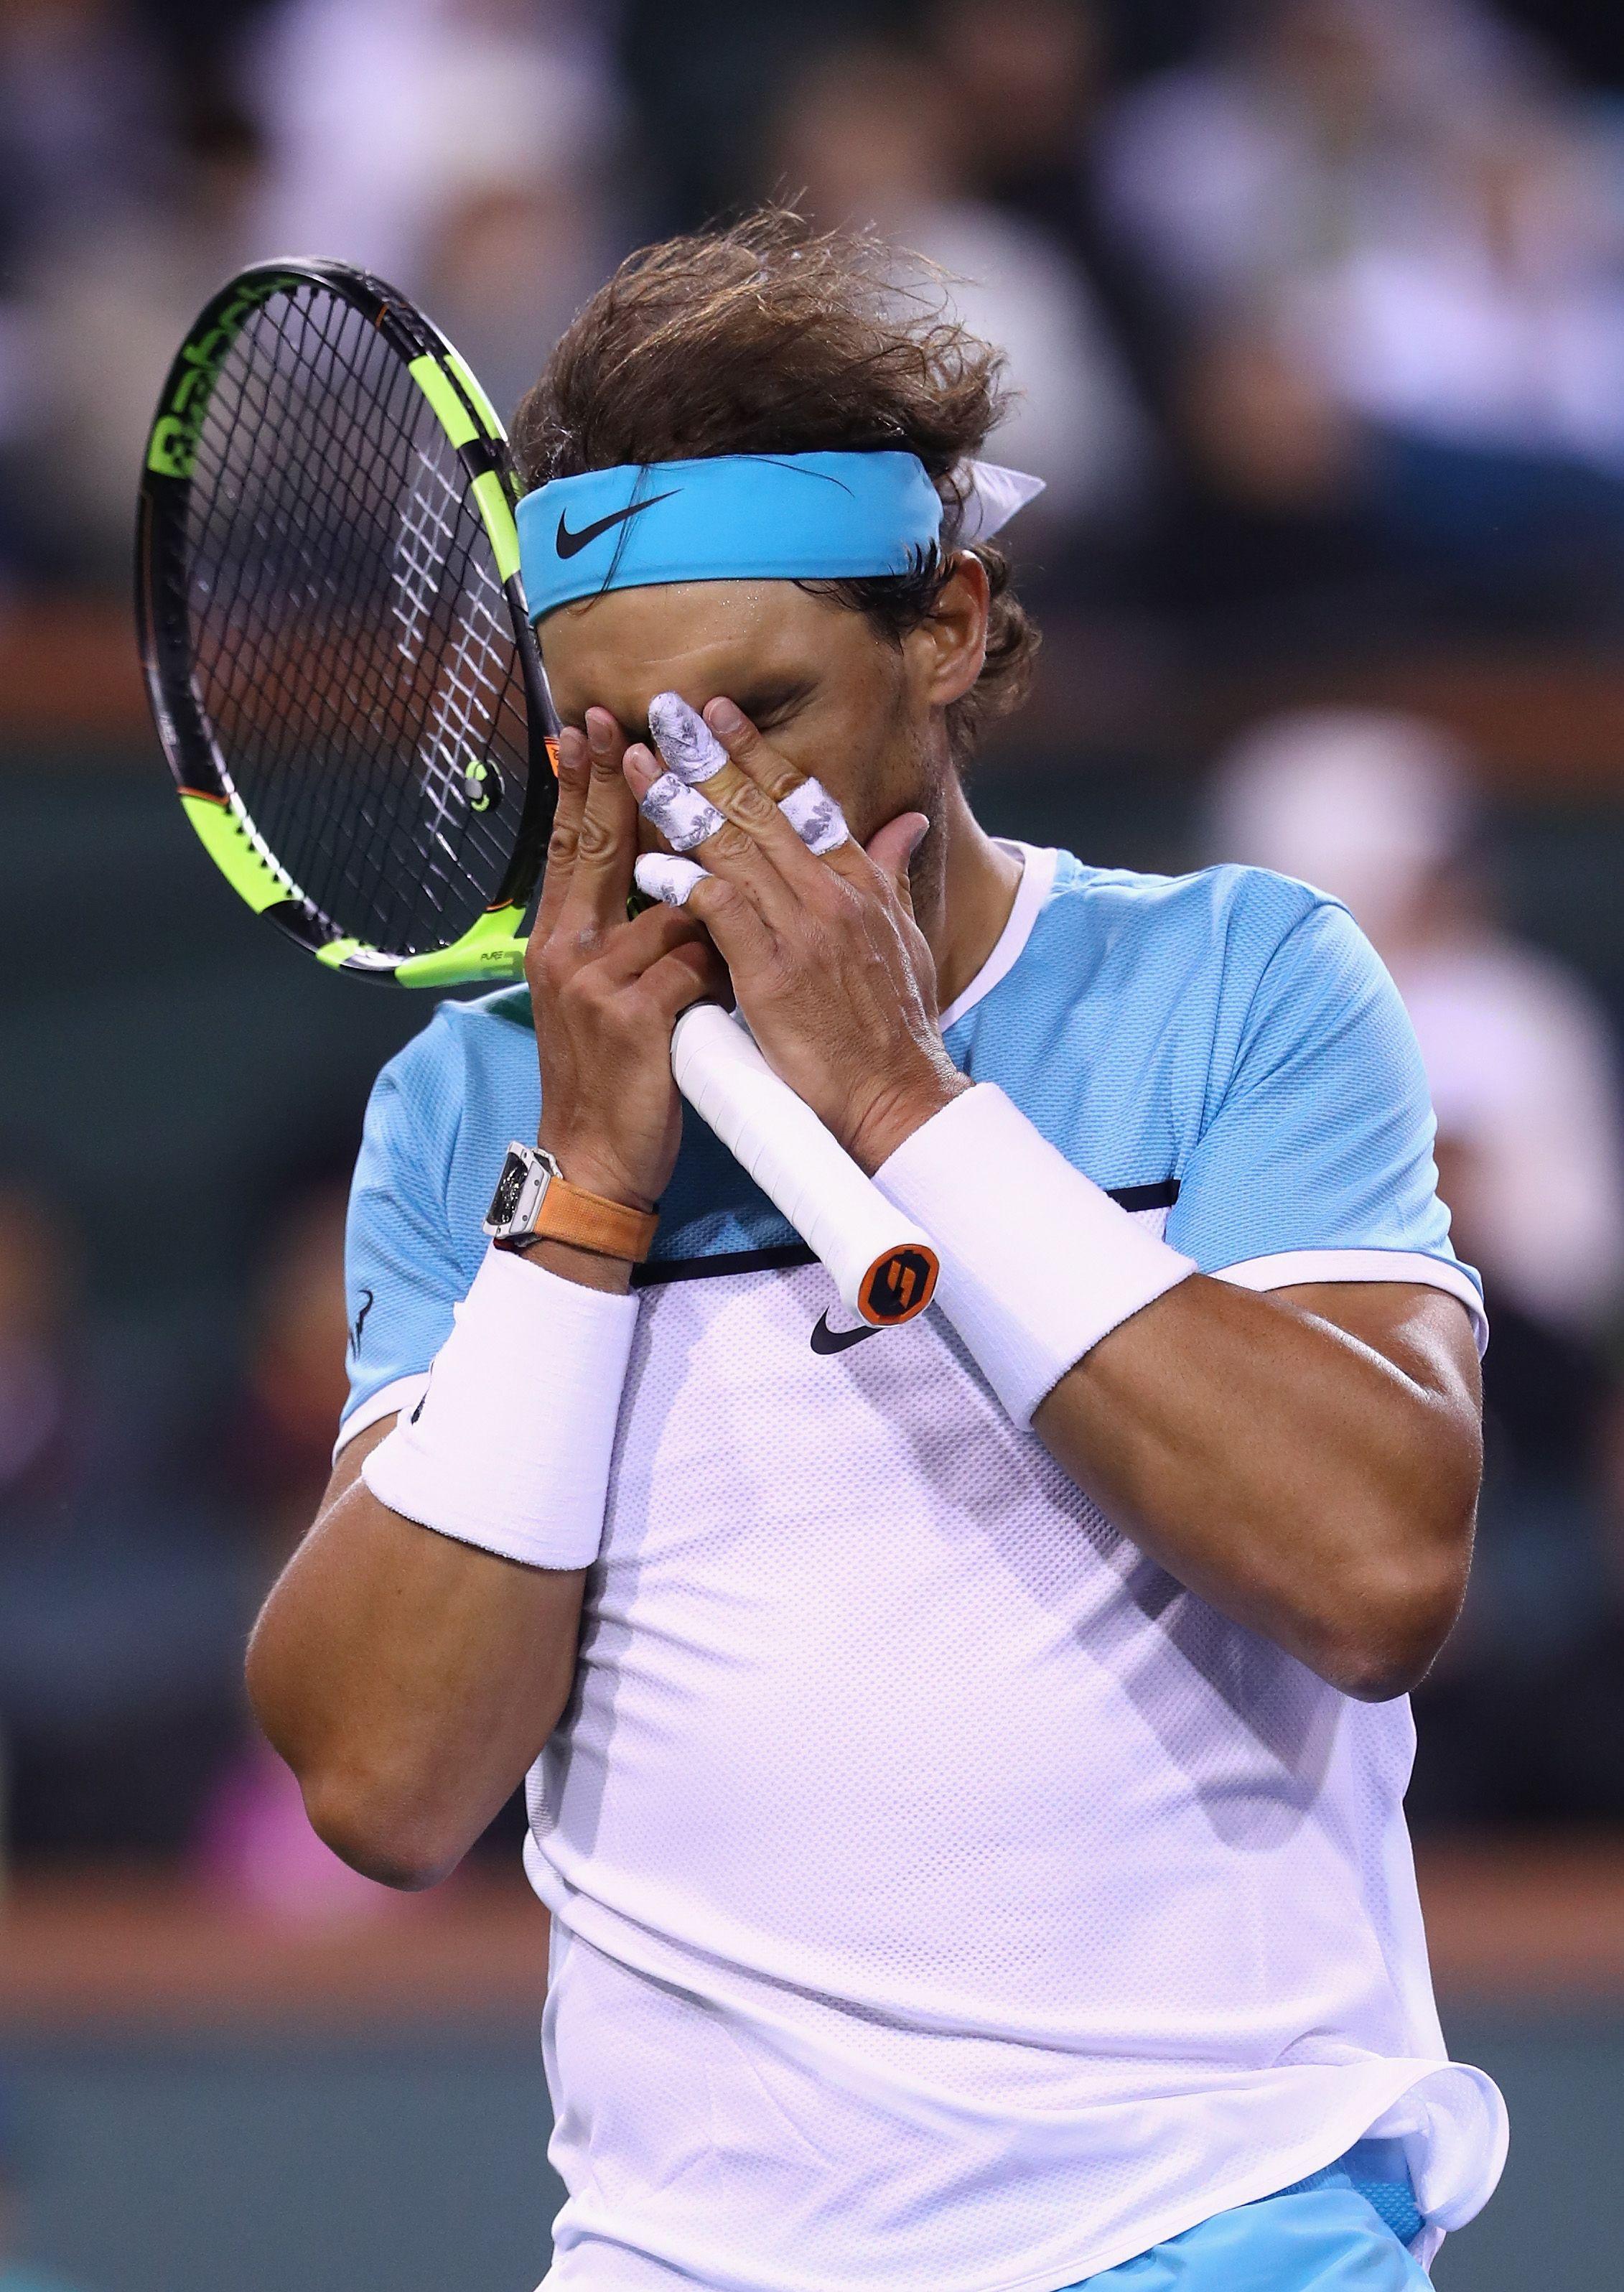 Rafael Nadal has won 14 Grand Slams in his career.